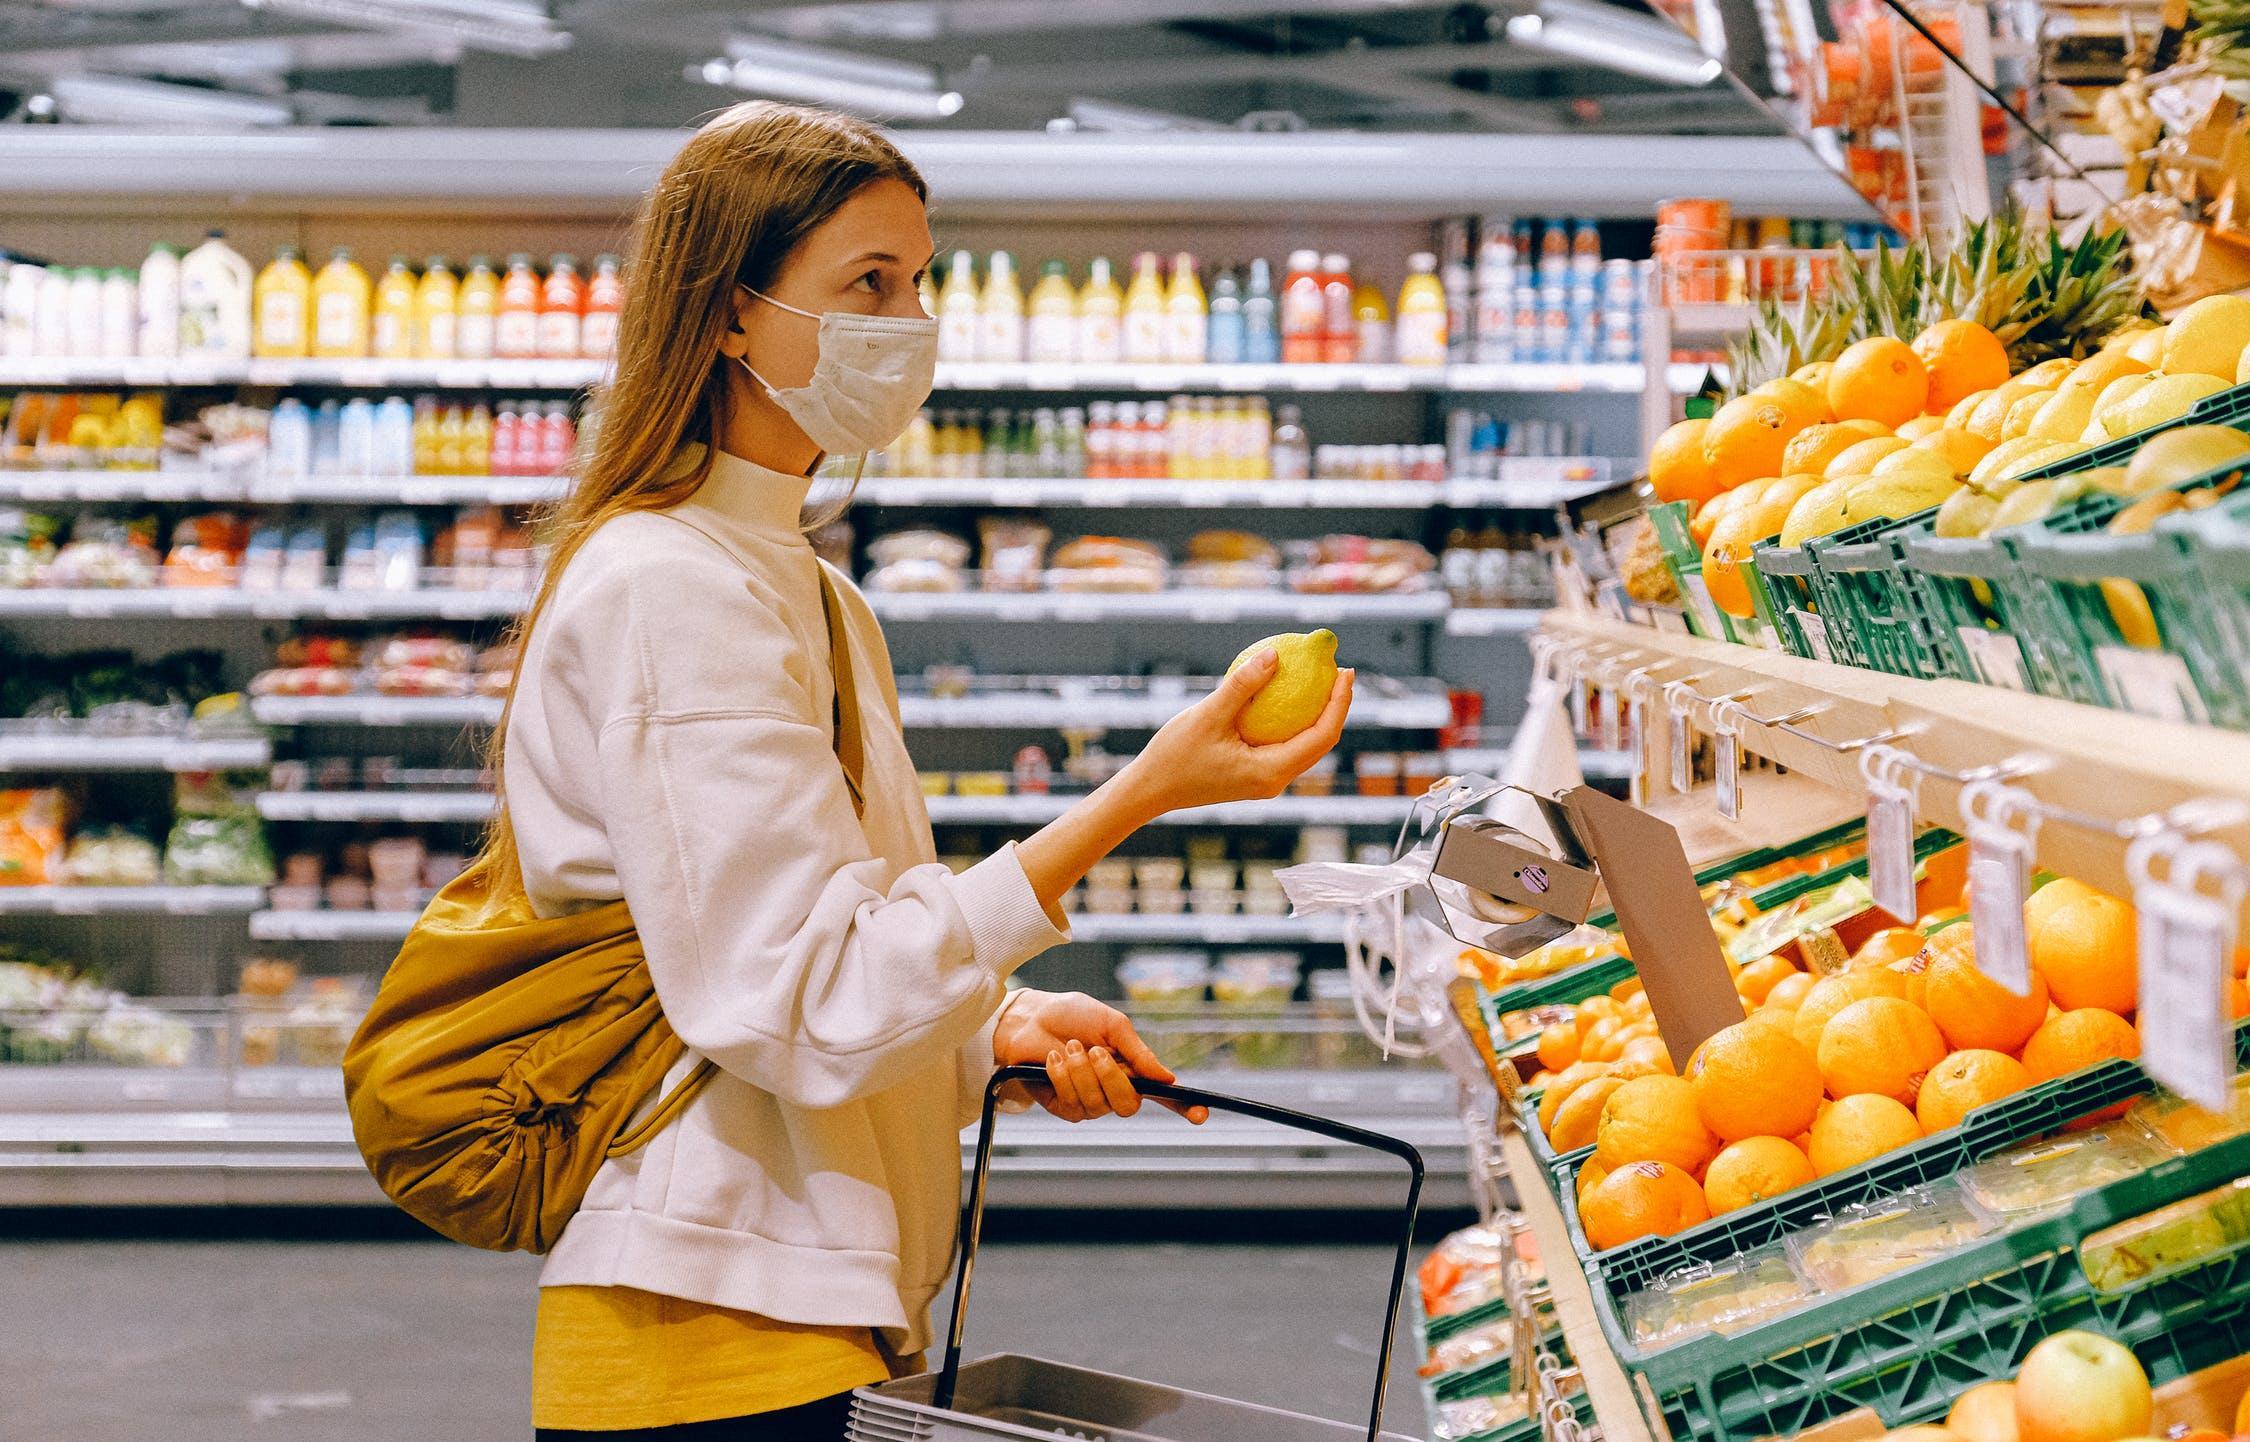 В супермаркетах нашли зараженные мандарины, апельсины и грейпфруты - новости Афанасий